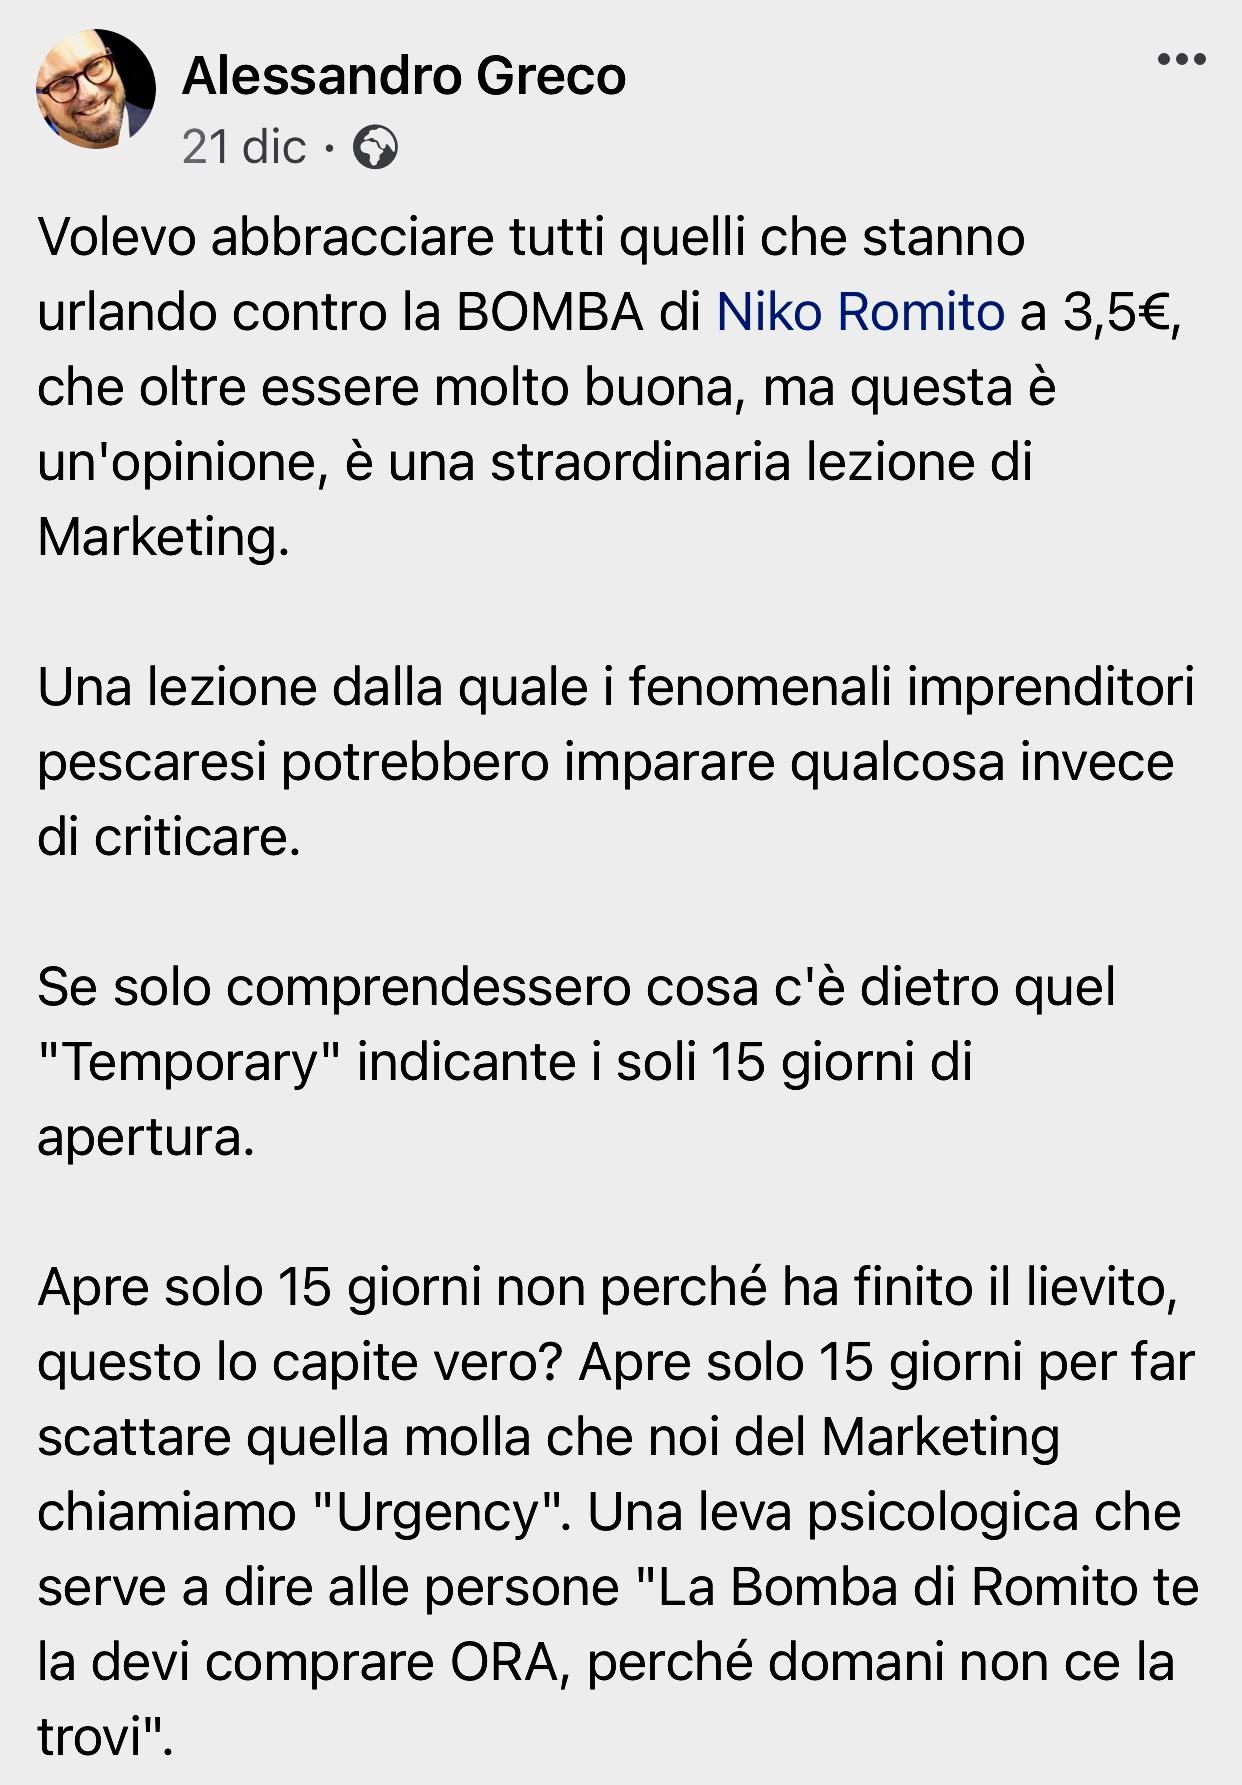 Bomba Niko Romito marketing